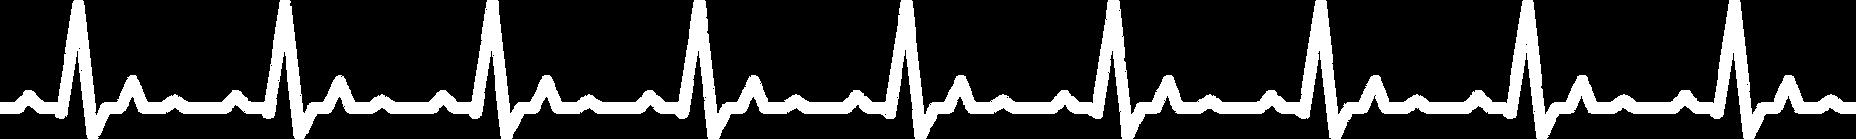 Heartbeat-25percent-3.png